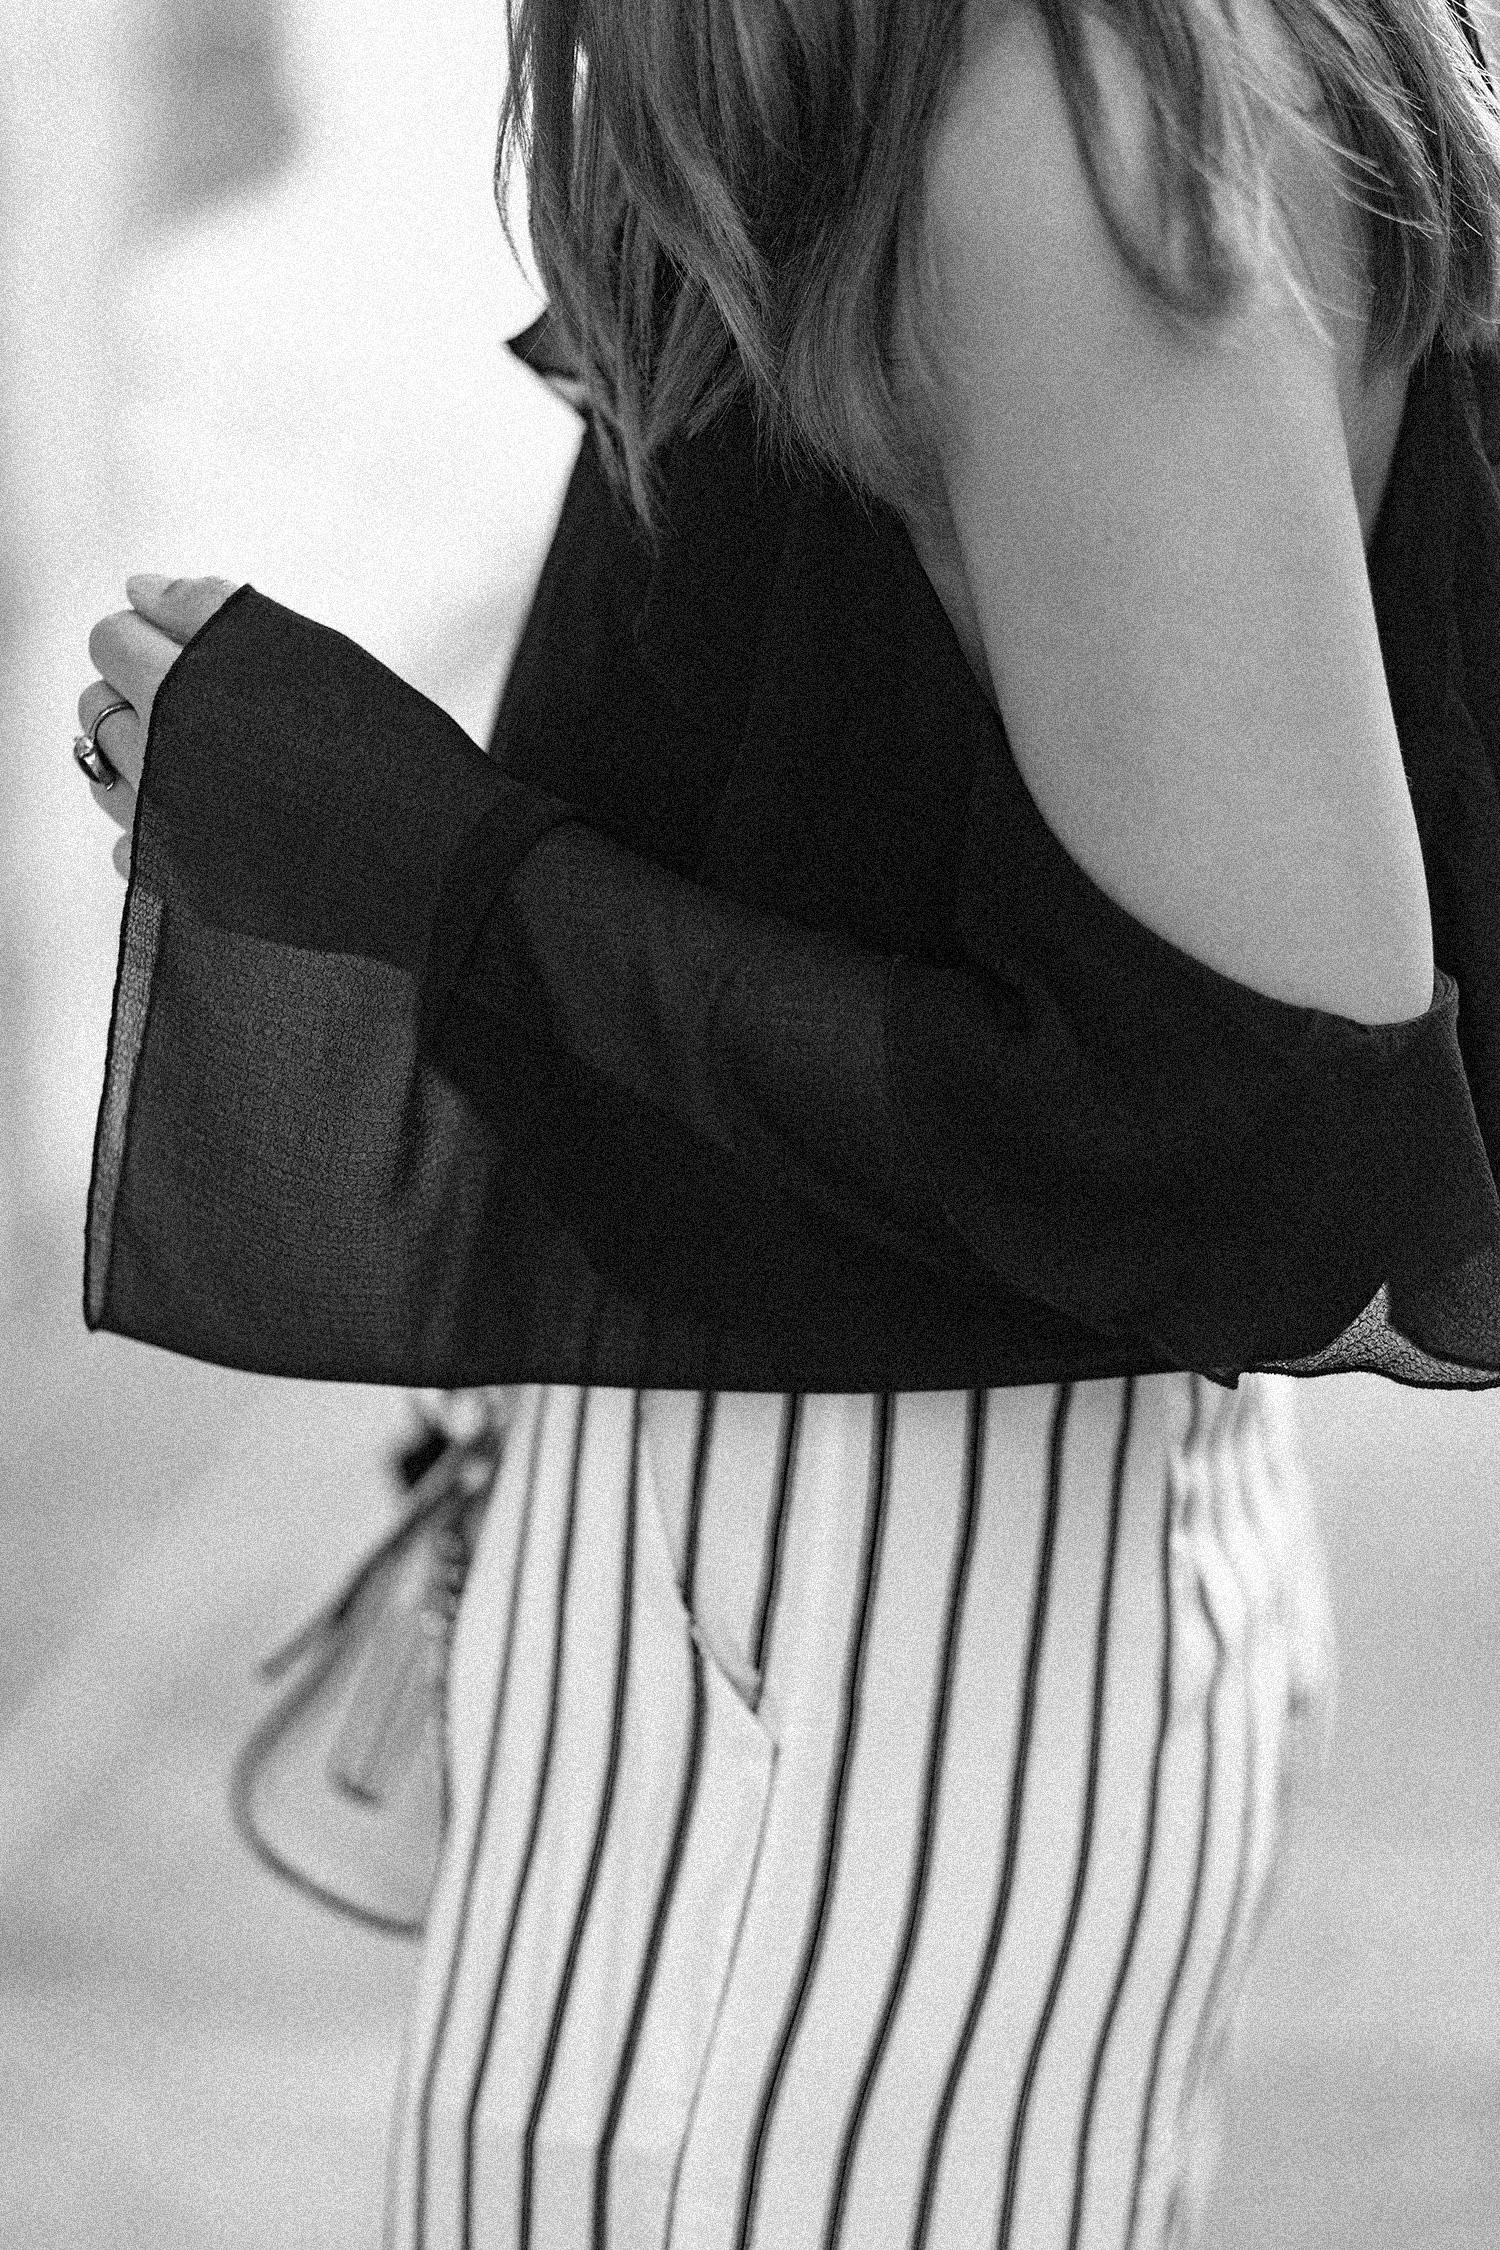 Elegantes schwarz-weiß Outfit, schulterfreie Bluse mit Volant von Mango, Streifen Hose, Slingback Pumps von Zara, bezauberndenana.de